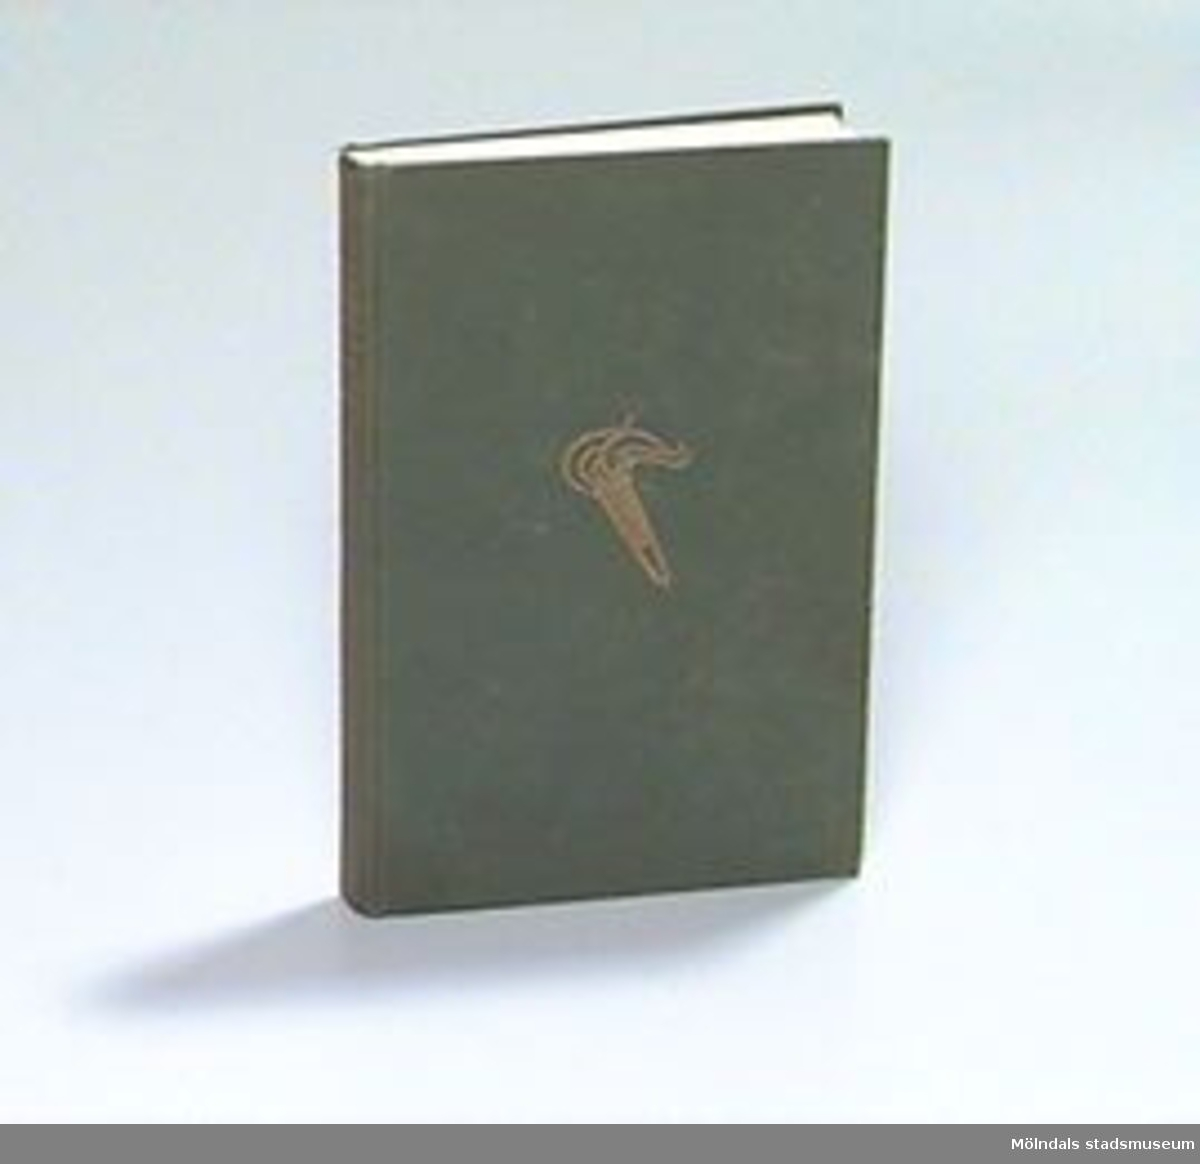 """Folkskolans läsebok. För femte klass. Pärmen klädd med grönt tyg, text och bild av fackla tryckt i guld. 362 sidor. På insidan av pärmen skrivet med blåpenna: """"3.80"""". På sidan tre skrivet svagt med blyerts: """"KK den 3"""".Gåvan förmedlad av Eva Bergman."""